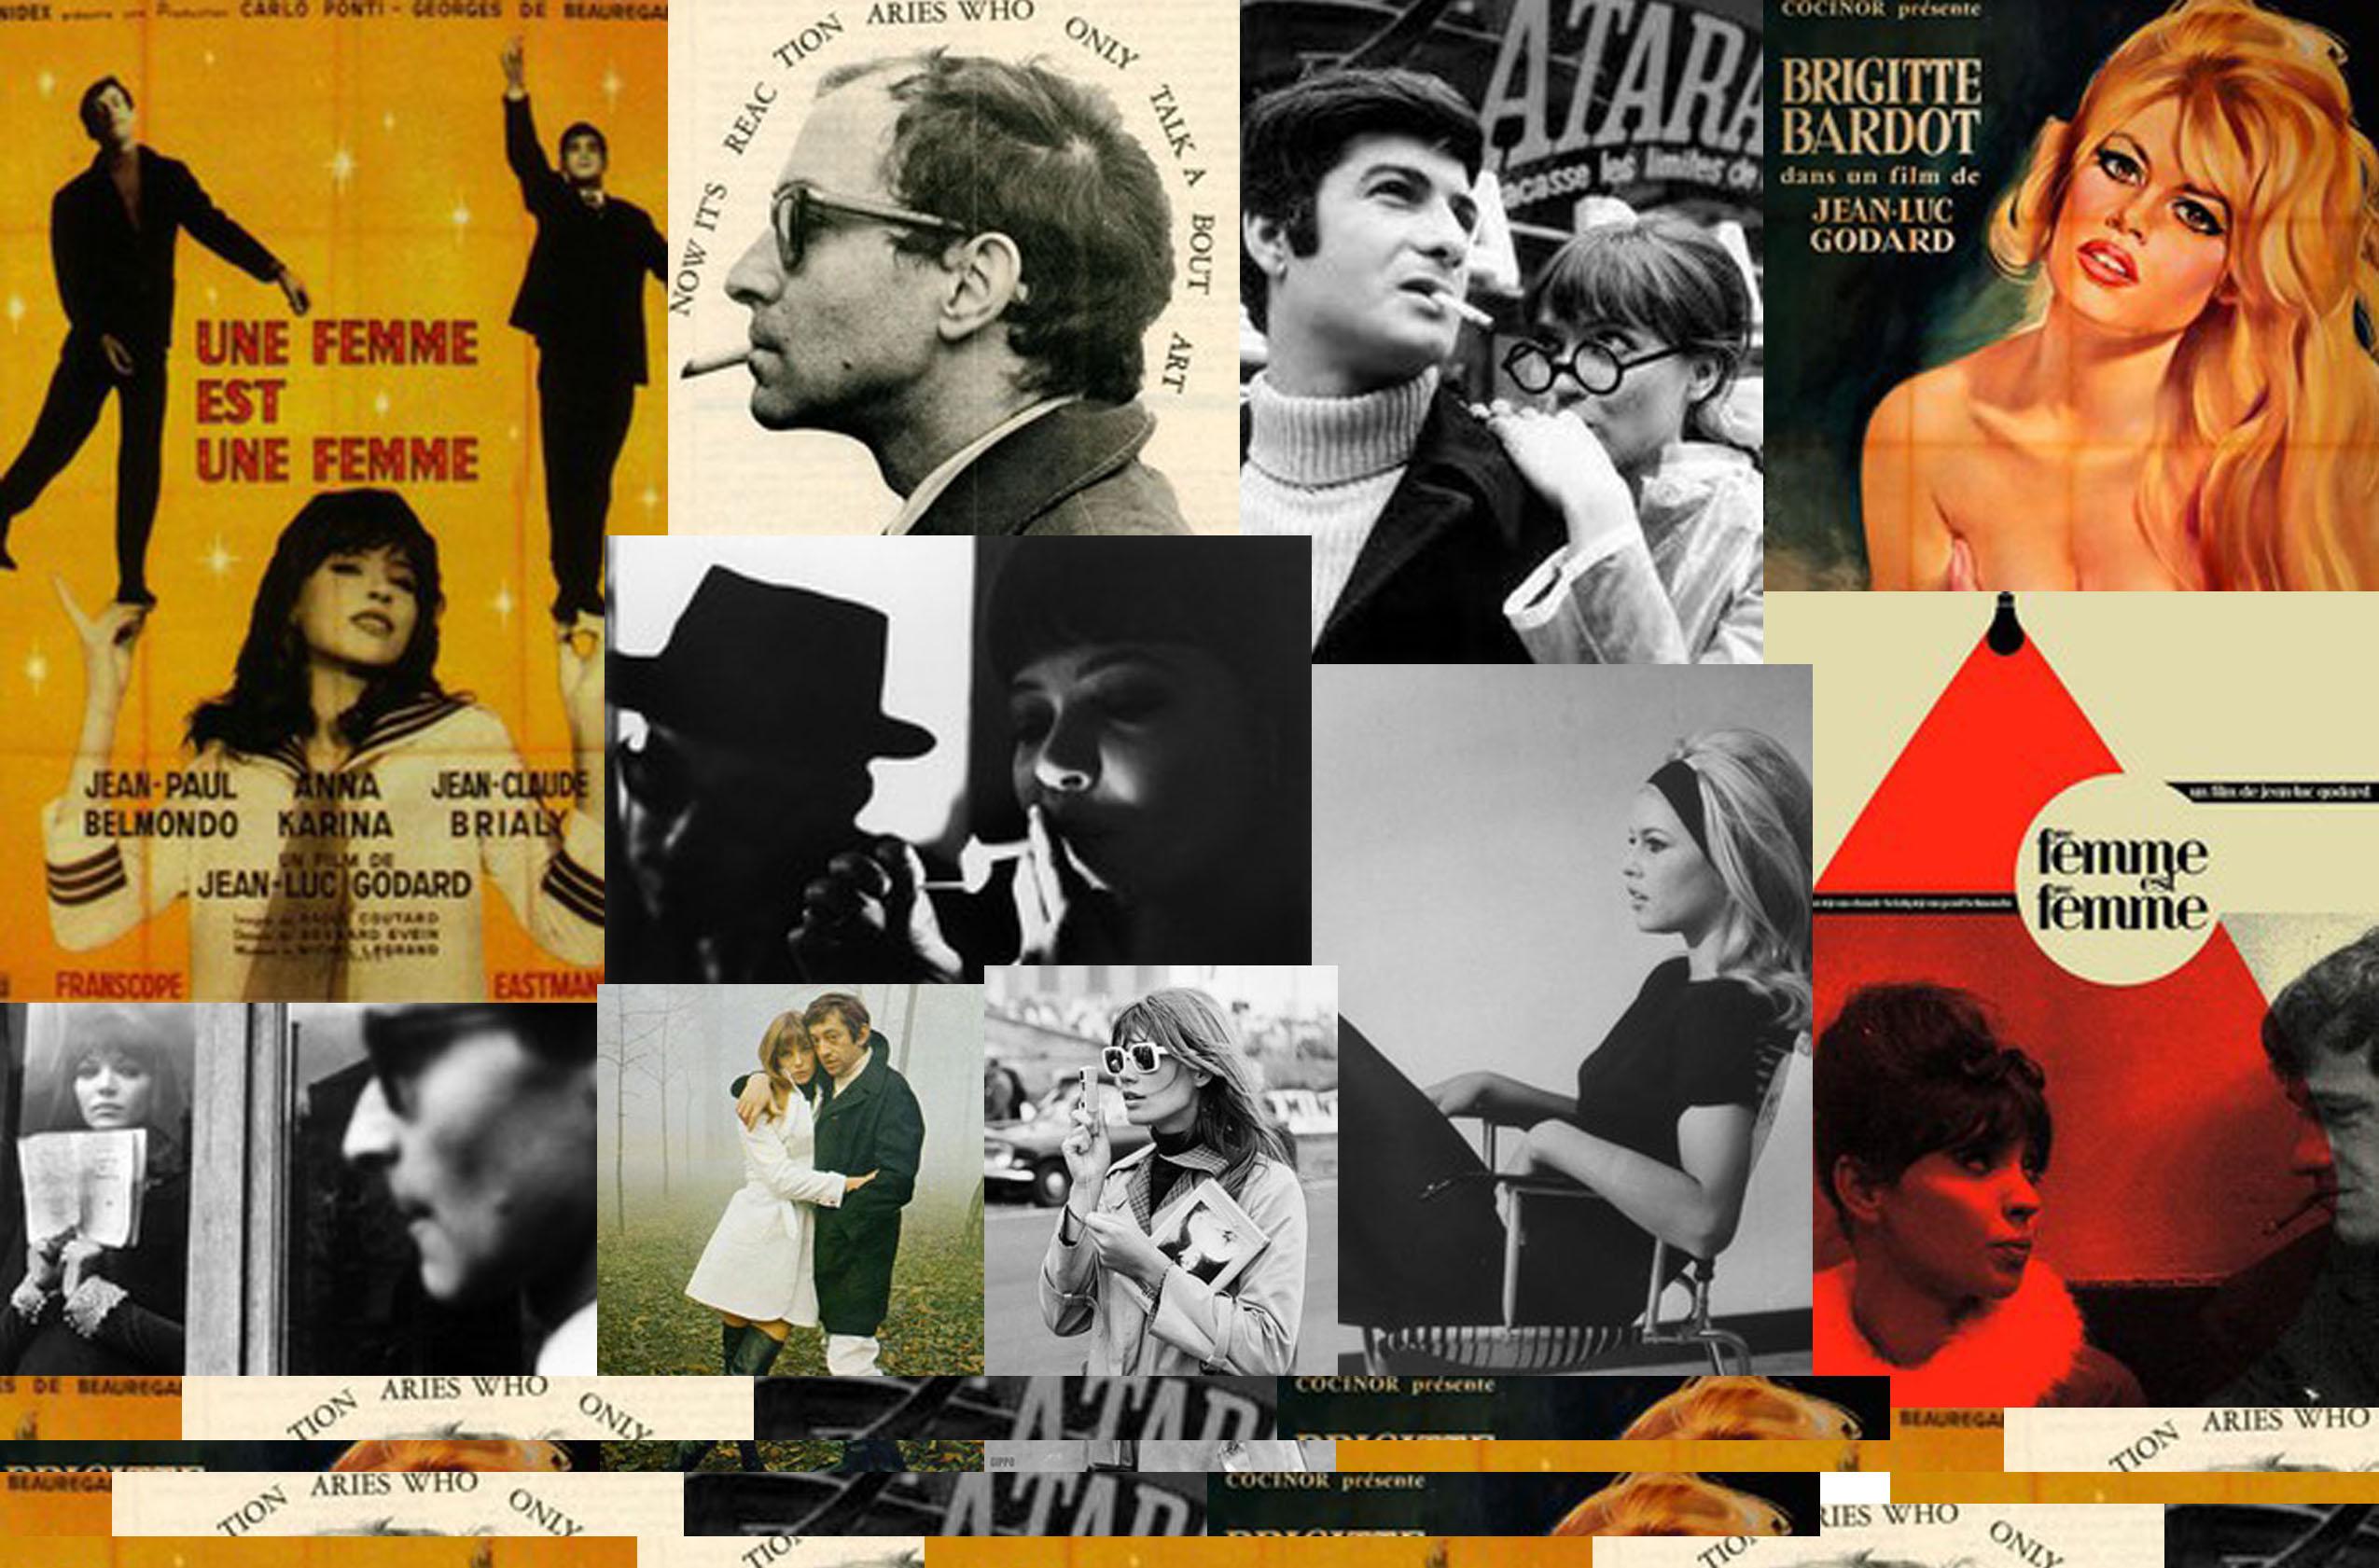 Fransa, fransız sineması, fransa sineması ekonomisi, CNC, sinema ulusal merkezi, haber, press haber